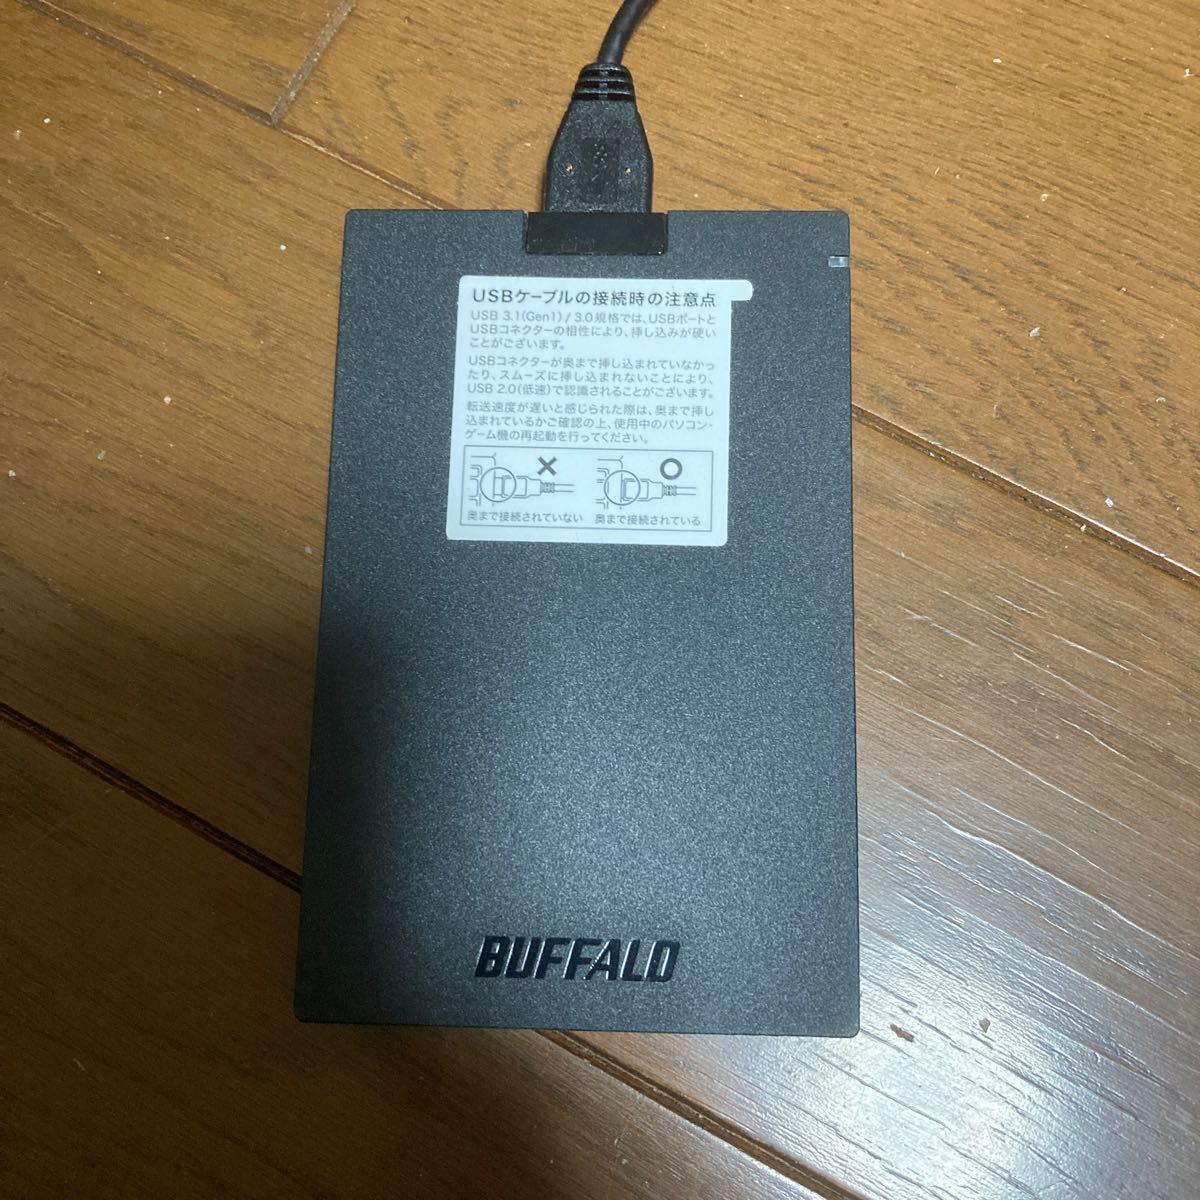 バッファロー USB3.1(Gen1)対応 外付けポータブルSSD 480GB(PlayStation4 動作確認済)